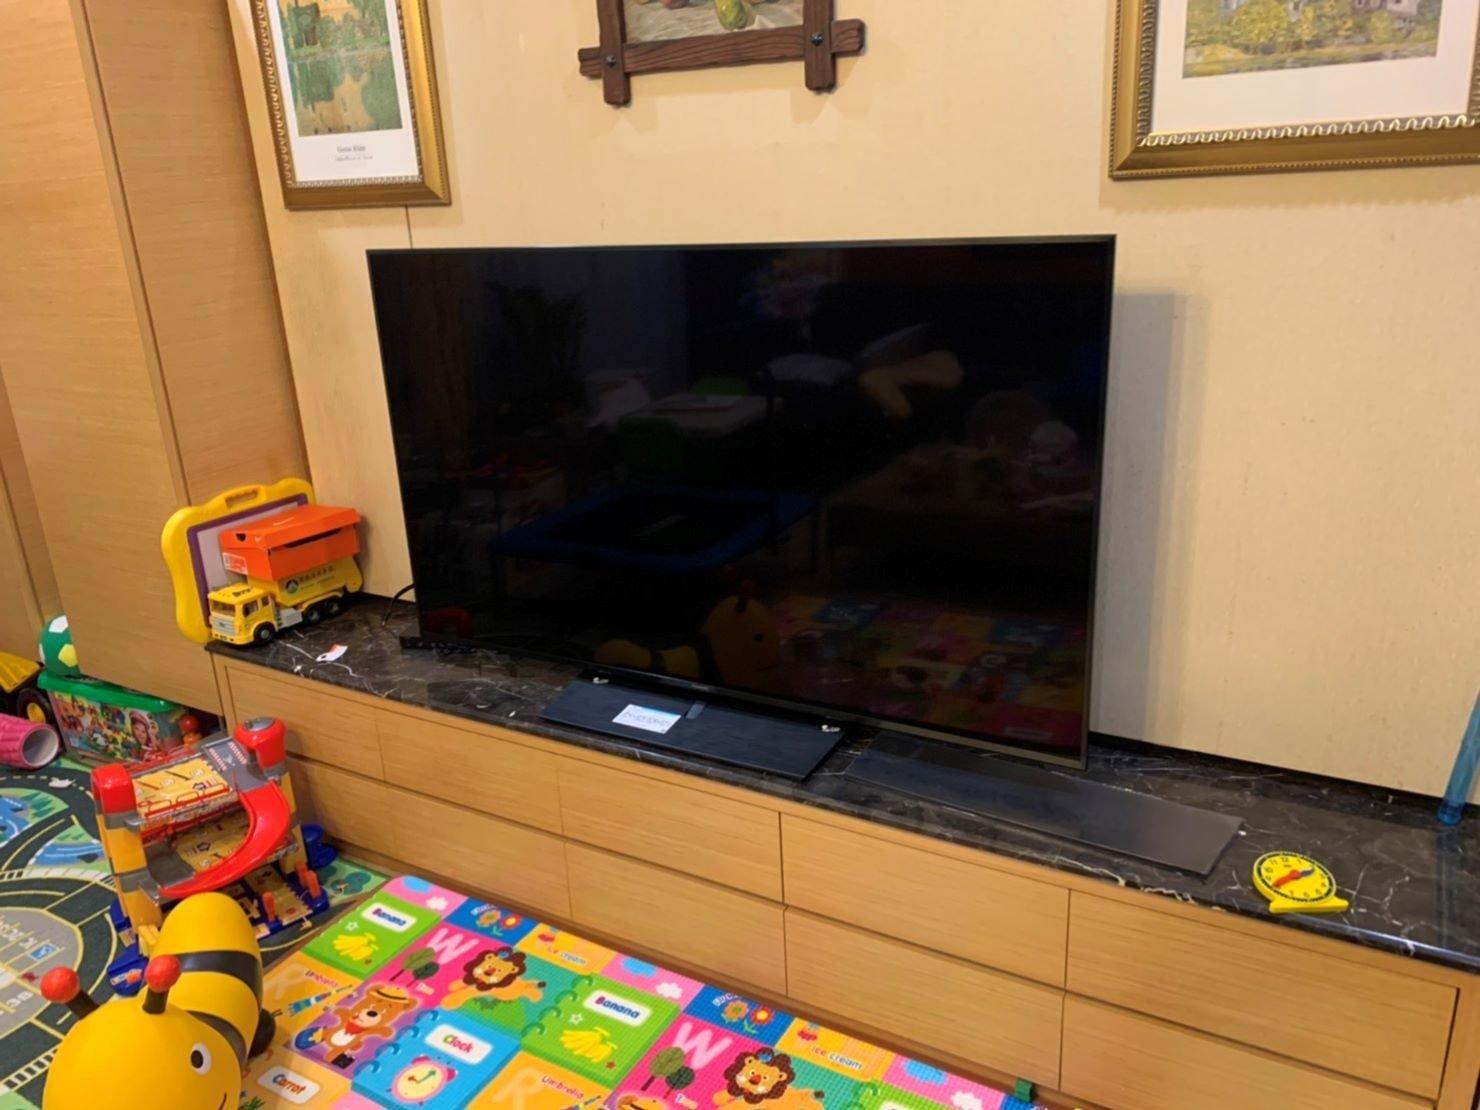 搬家公司推薦【榮福搬家】搬遷好品質值得您的信賴與選擇:65吋液晶電視從基隆搬遷至台北,榮福搬家跨縣市的家庭搬家服務值得您信賴。